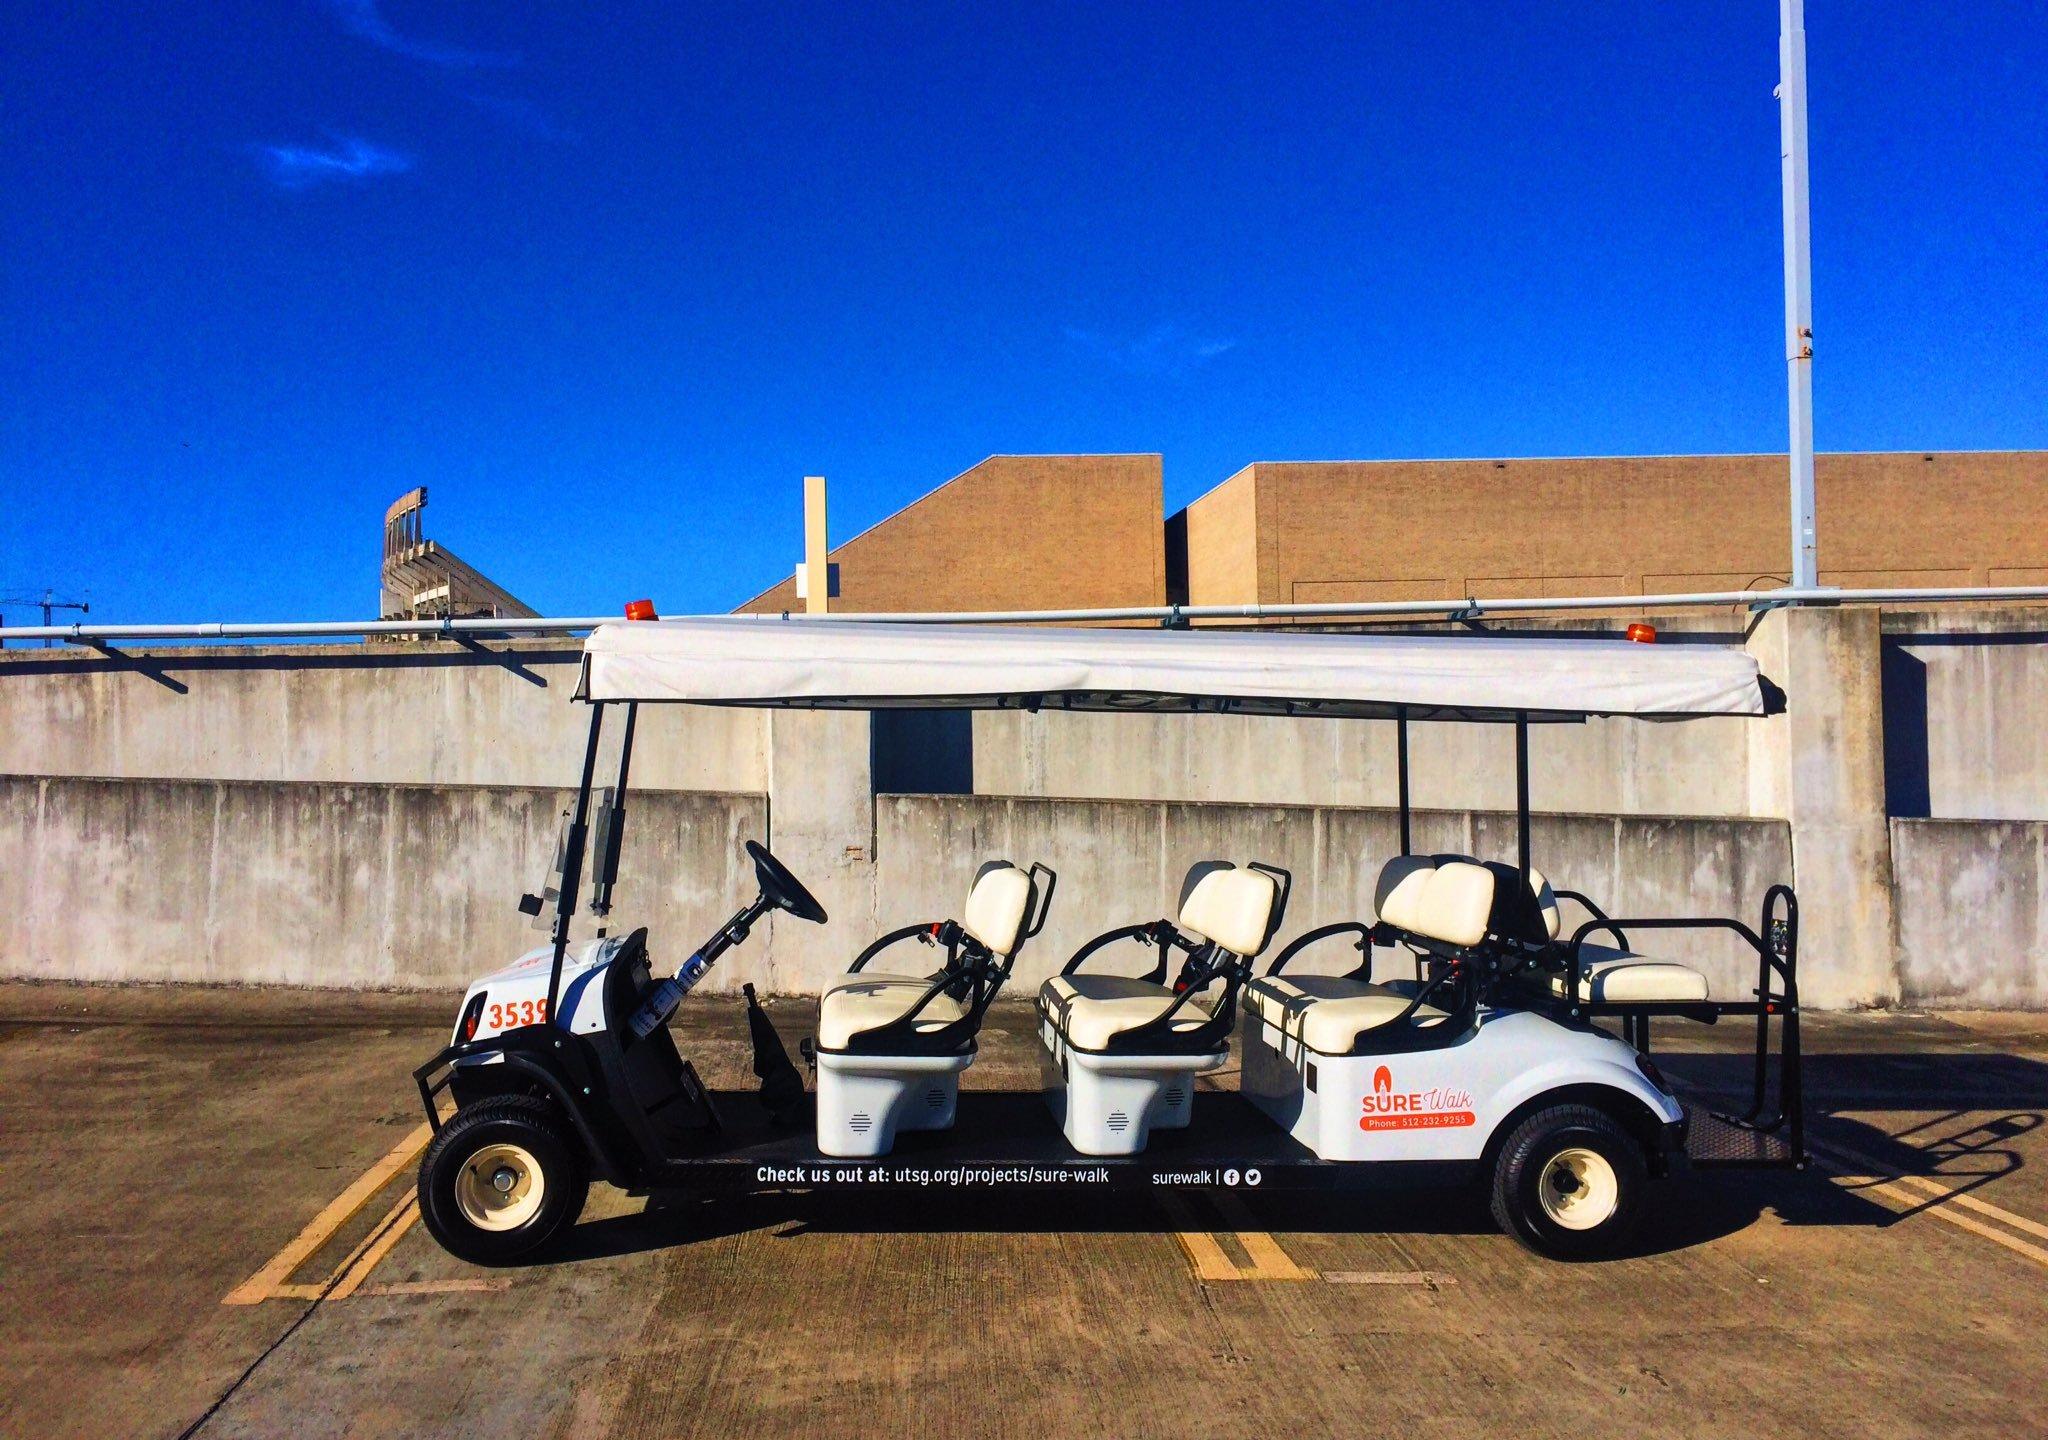 University of Texas SUREWalk gets a golf cart. Oct. 4, 2016_356909